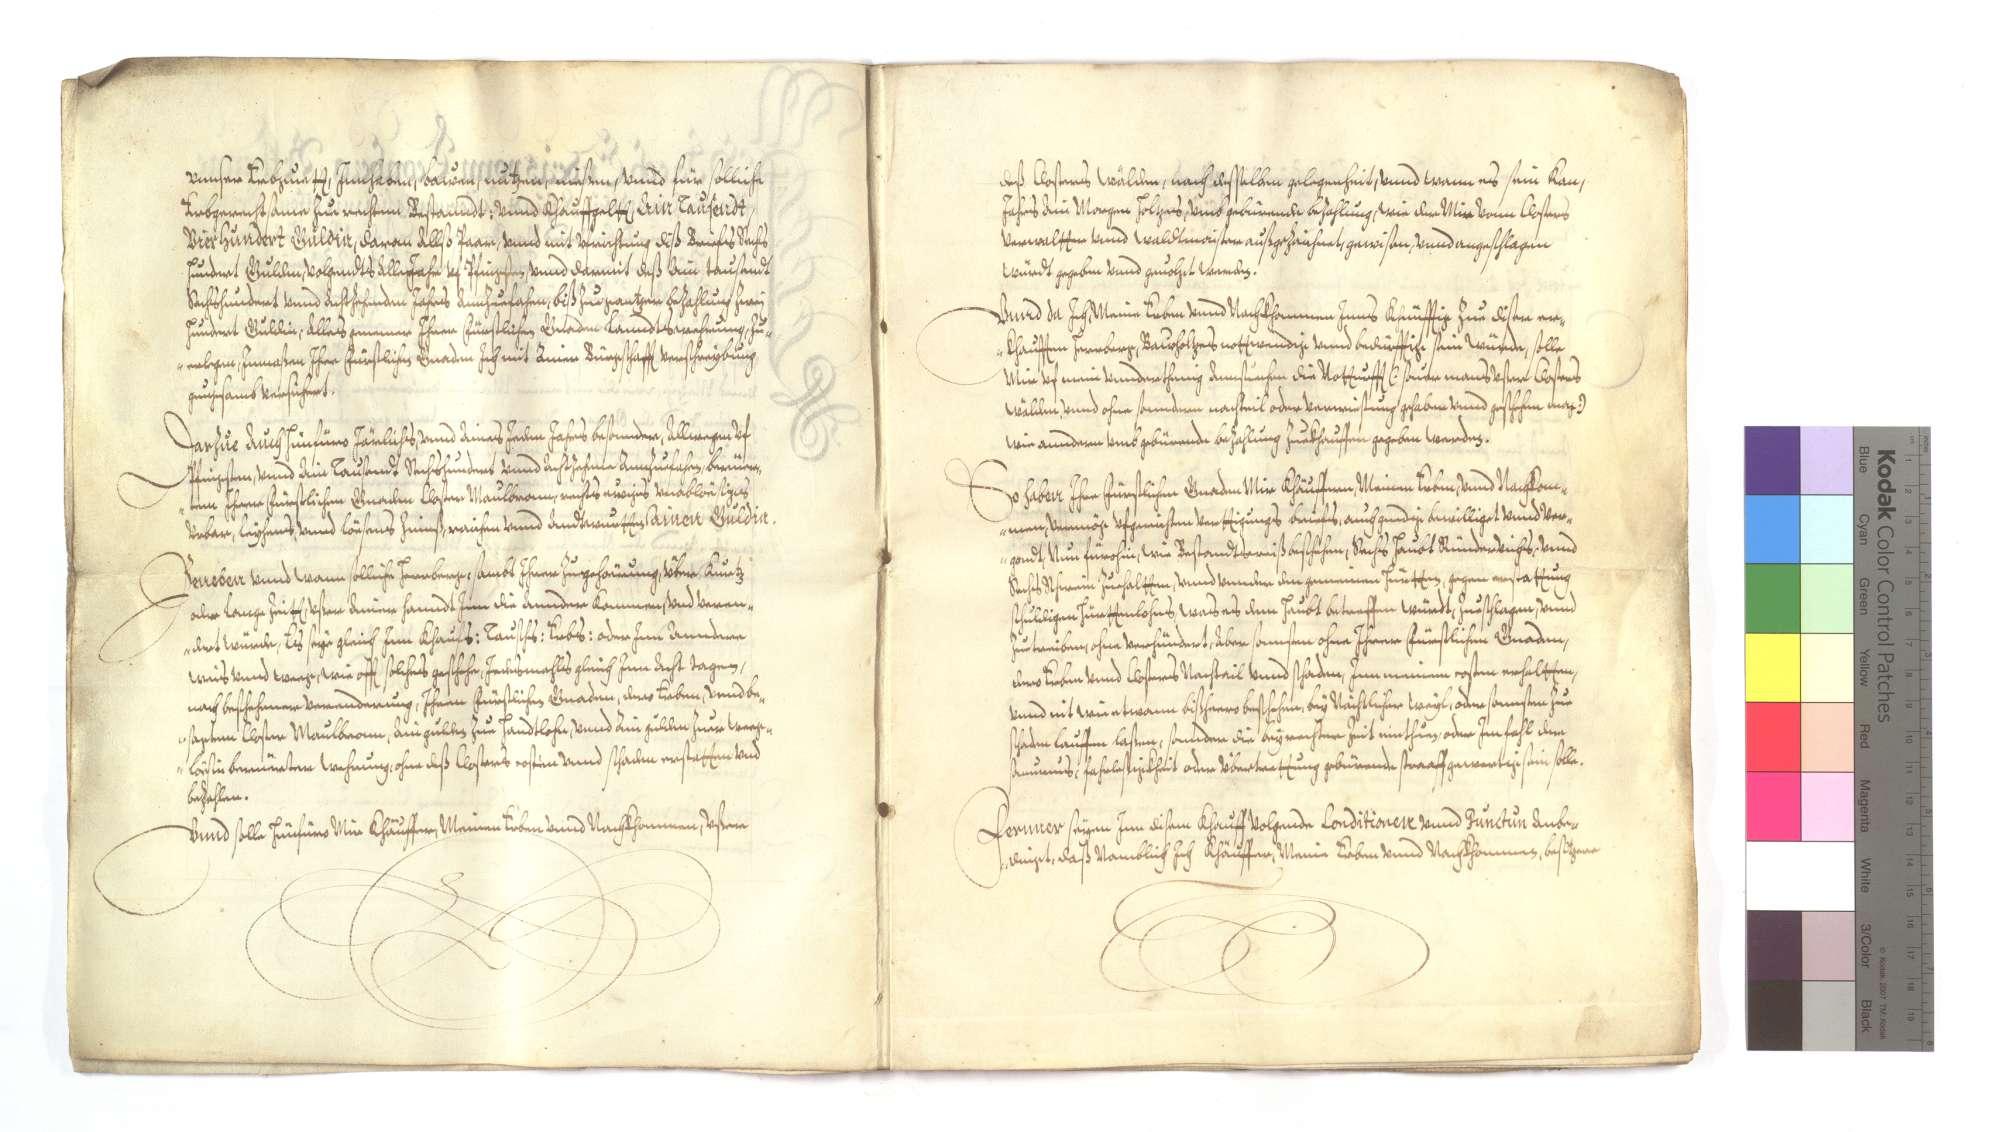 Erblehensrevers Jakob Endris von Leonberg um die Gastherberge von Maulbronn vor dem Kloster., Bild 3